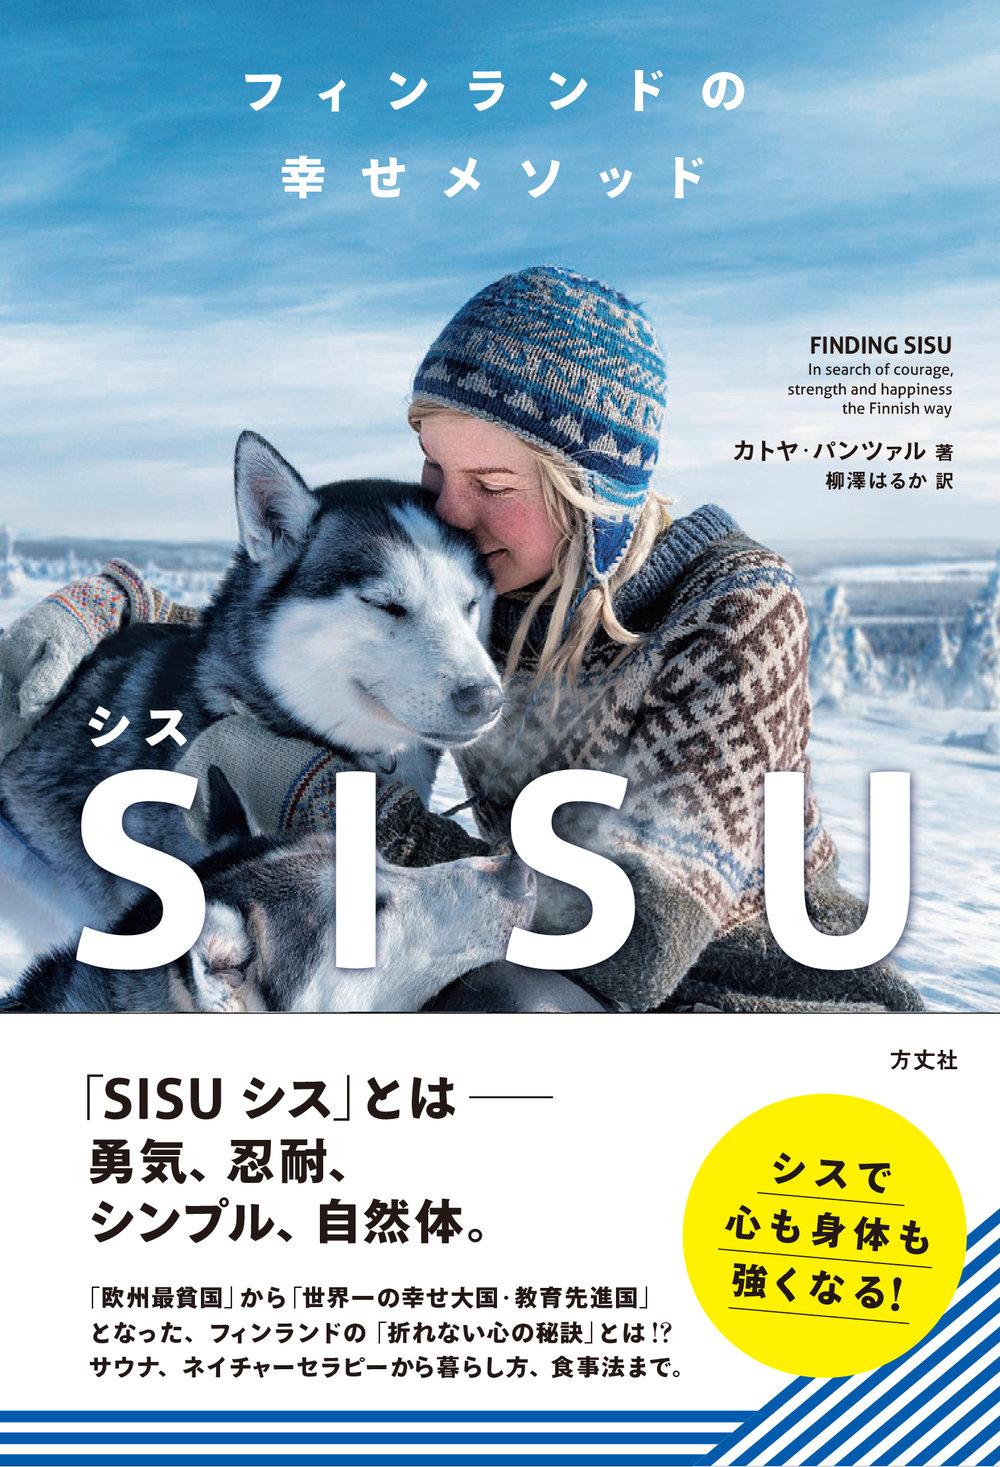 『フィンランドの幸せメソッドSISU(シス)』 - フィンランドが世界一幸せな国である秘訣は、「SISU(シス)」にある。厳しい環境の中でも勇気・忍耐・自然体を忘れない。それはいわば、フィンランド魂。幸せ大国に学ぶ、シンプルな生き方、折れない心のつくり方。カトヤ・パンツァル (著), 柳澤はるか (翻訳)